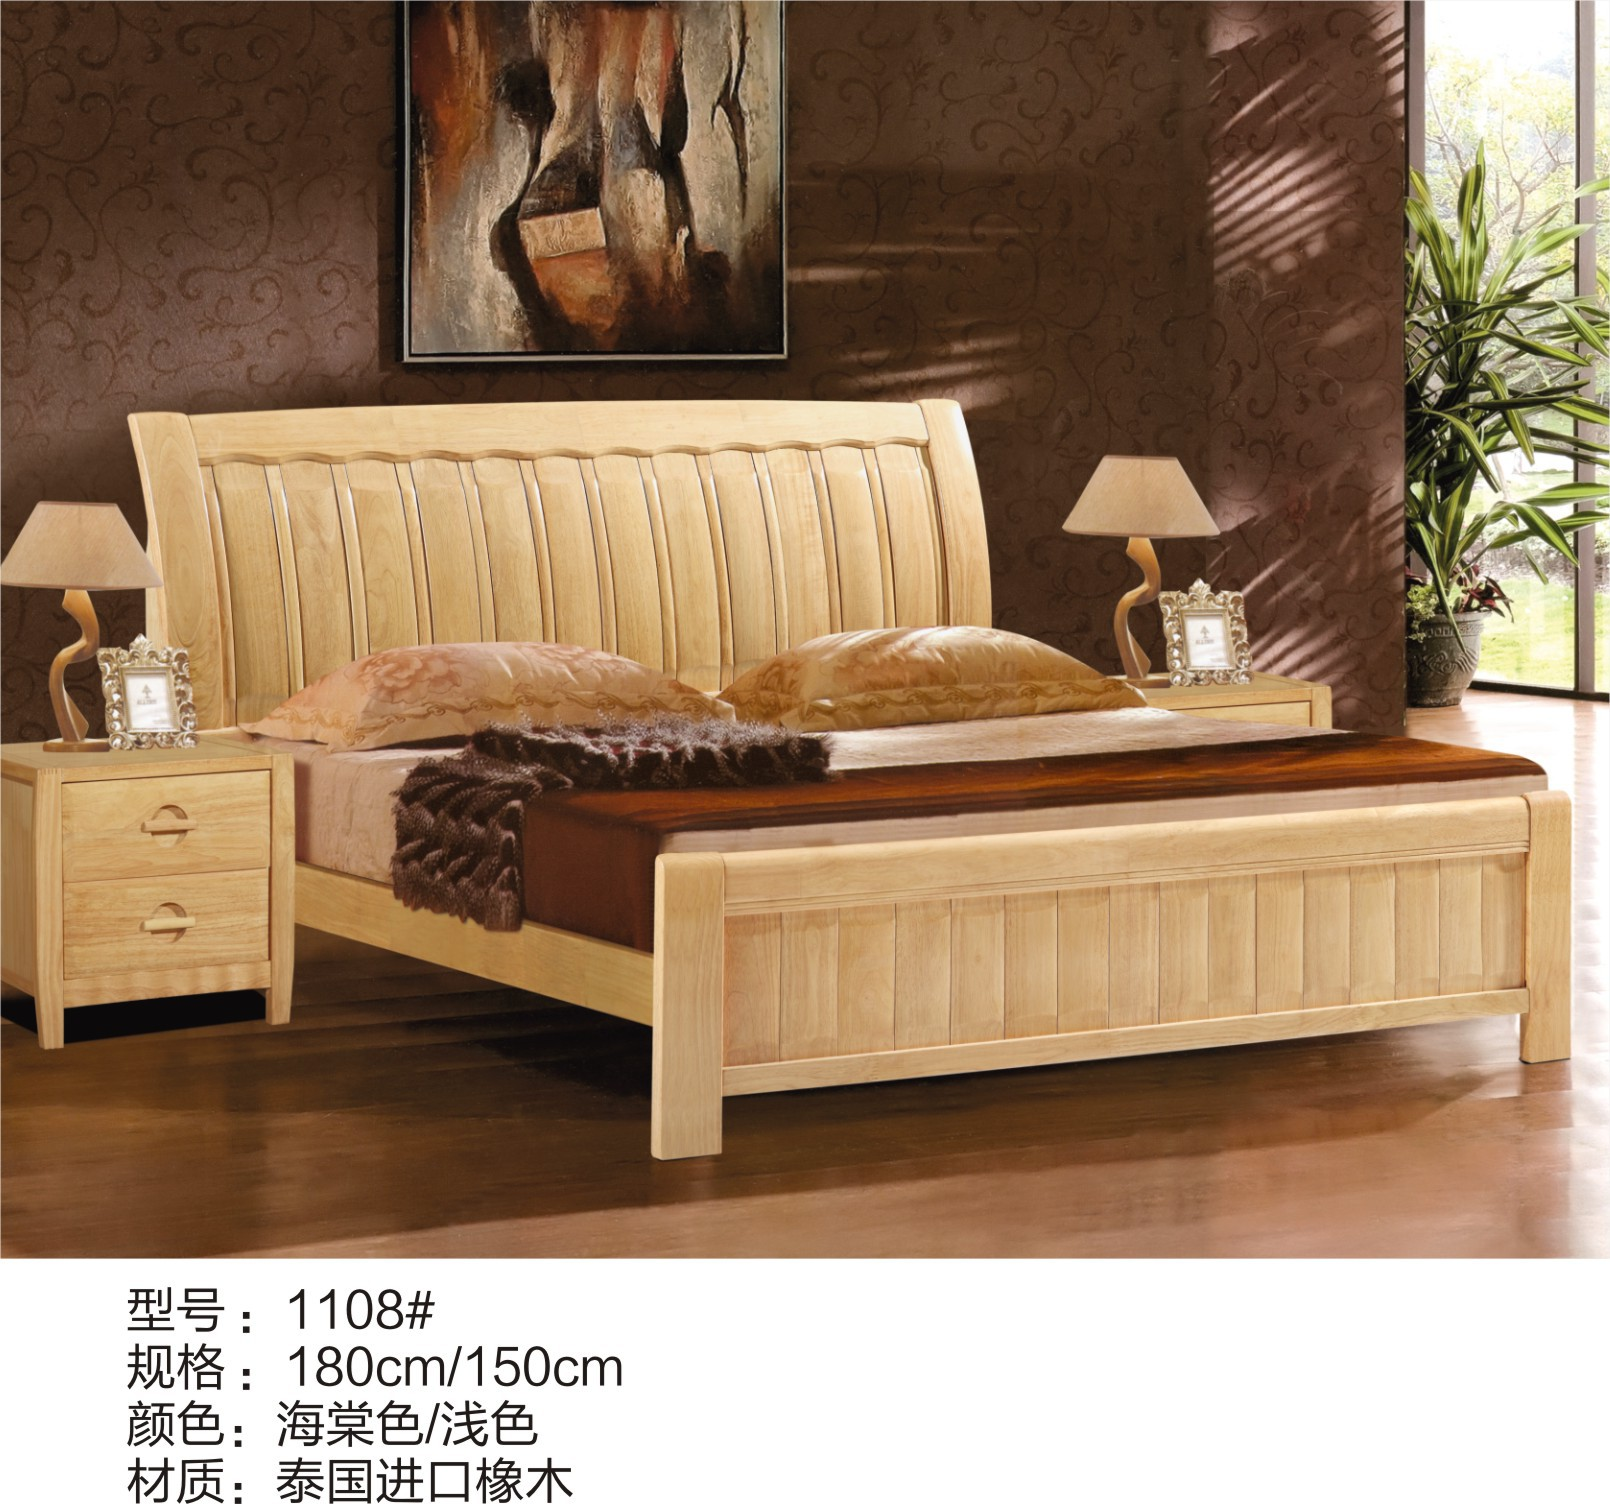 【南康家具实木家具橡木橡木v家具家具大床1萍乡定制家具图片